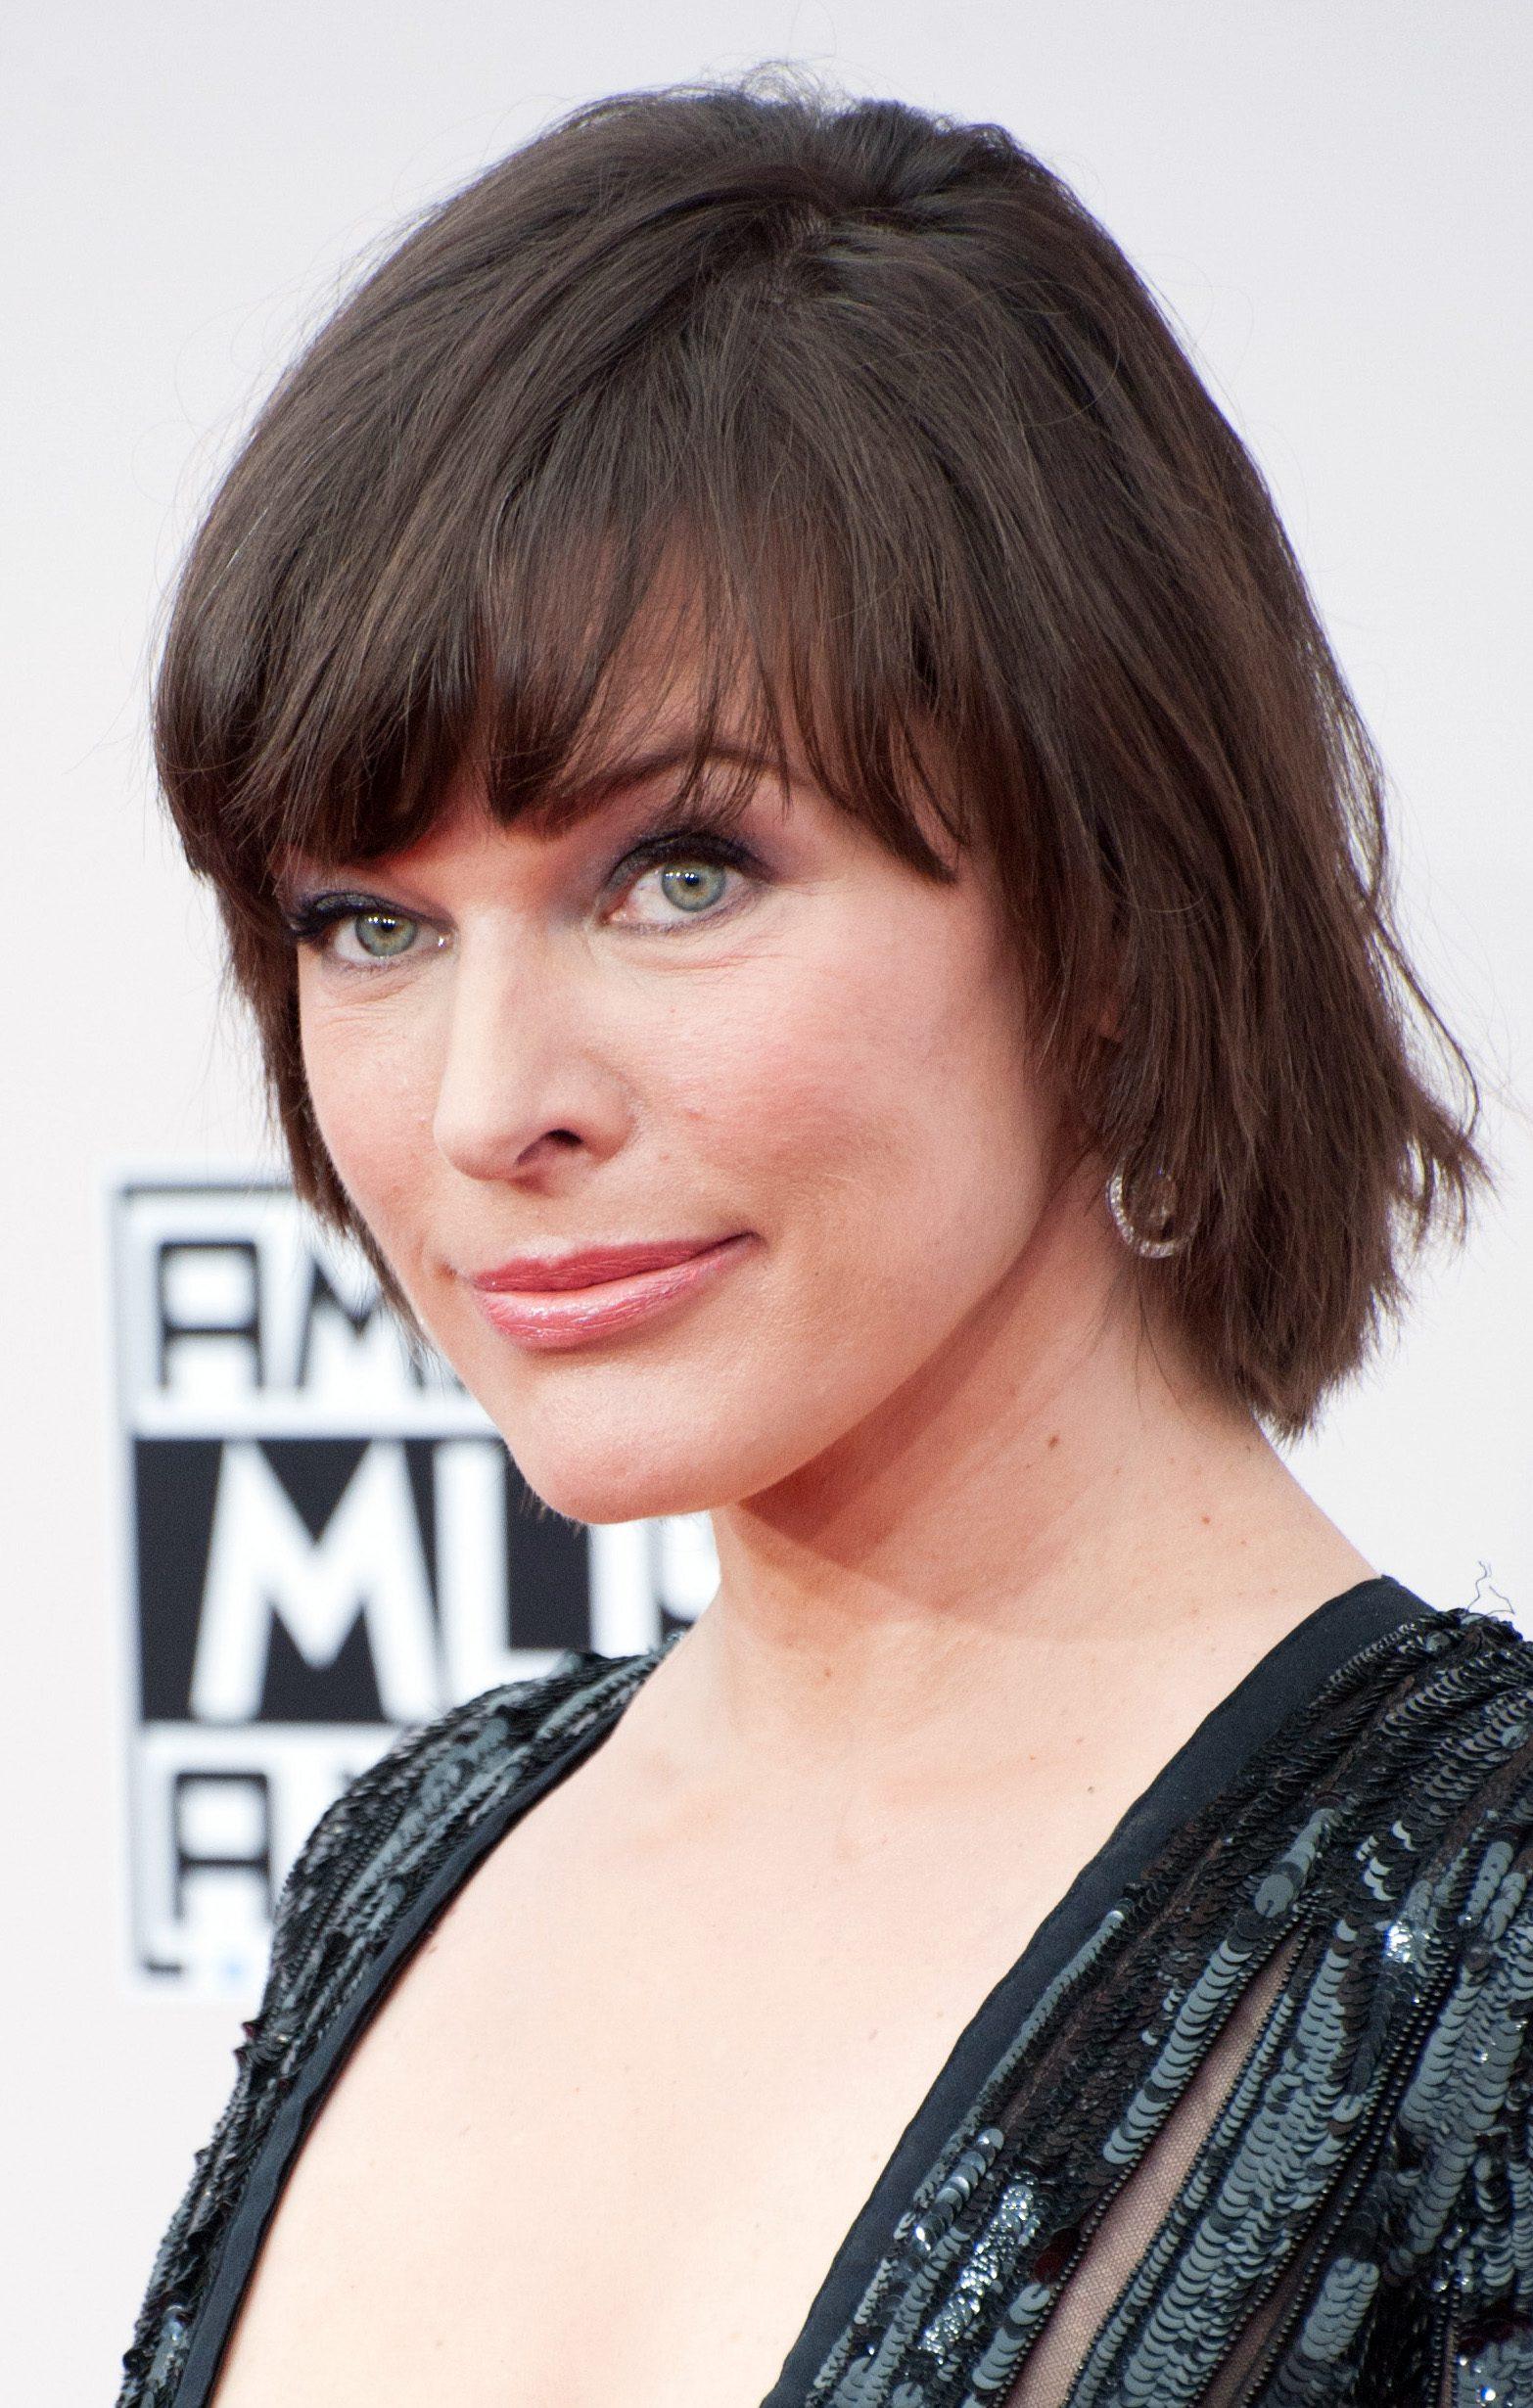 Milla Jovovich's Short Shag